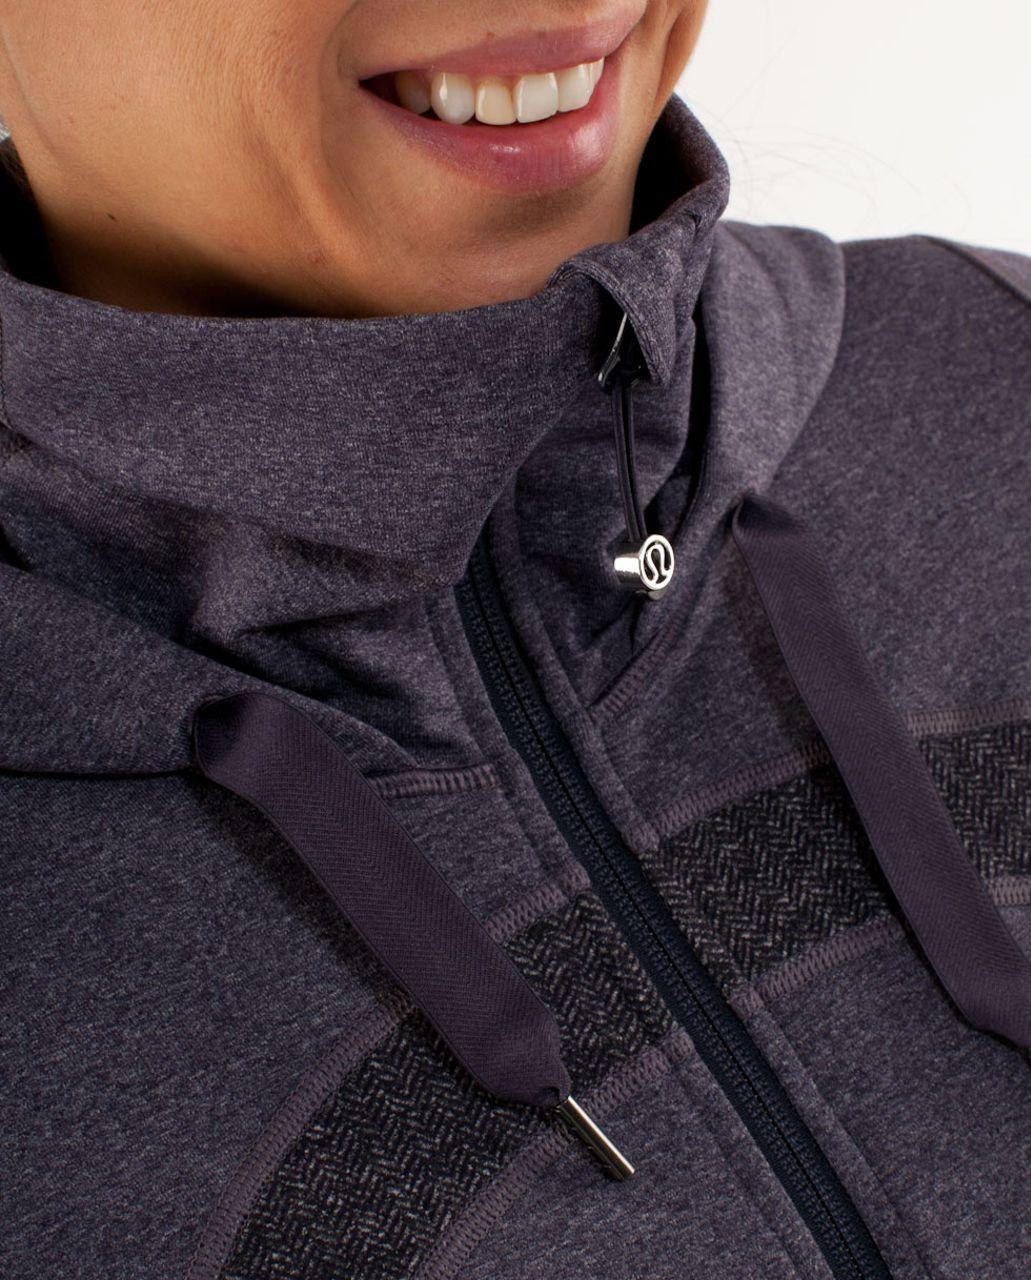 Lululemon Stride Jacket *Brushed - Black Swan Heathered Black Herringbone /  Black Swan